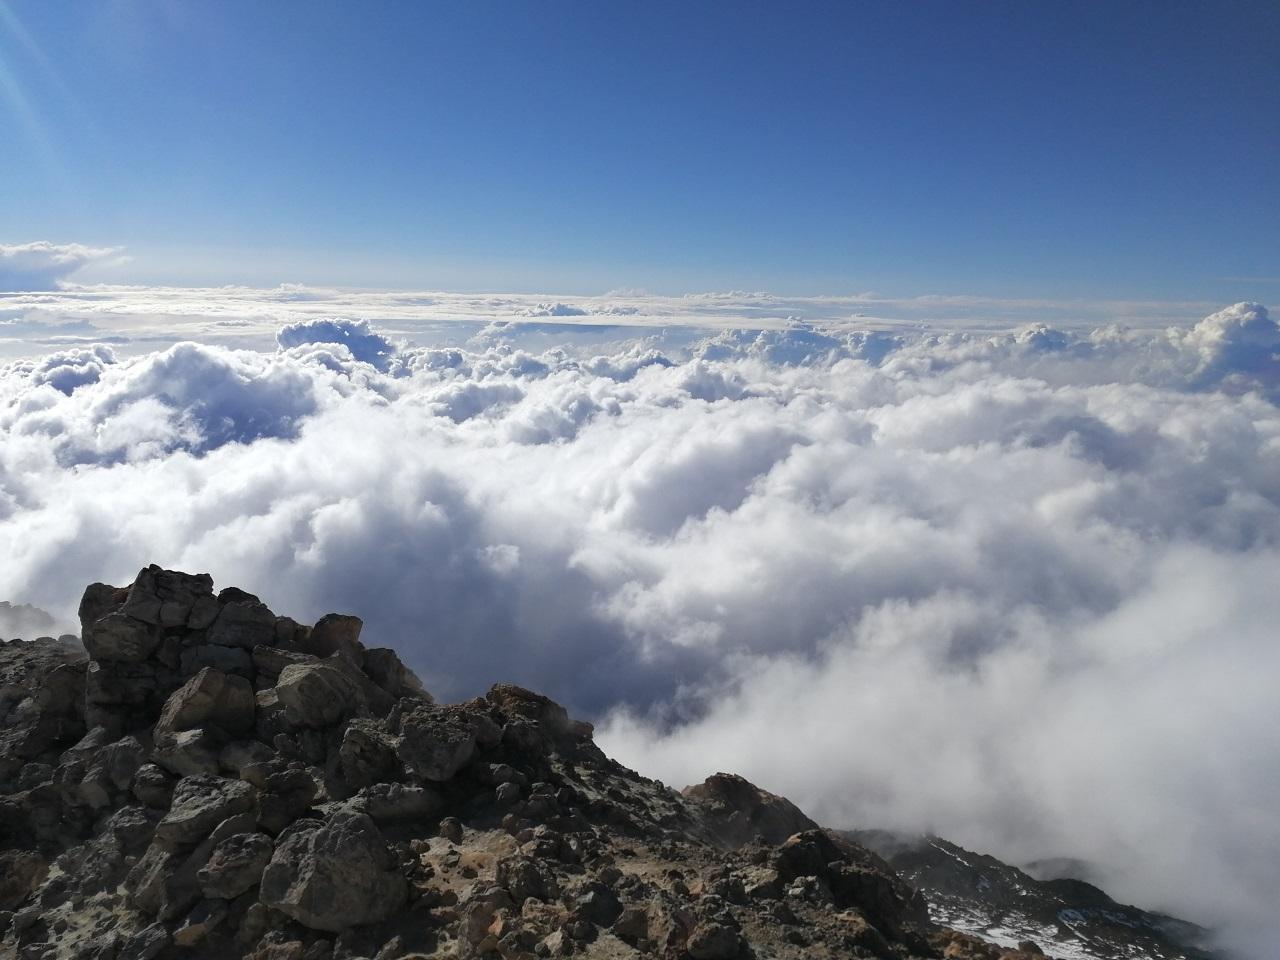 Pohled z vrcholu Teide, okraj sopky a vzadu modrá obloha a oblaka